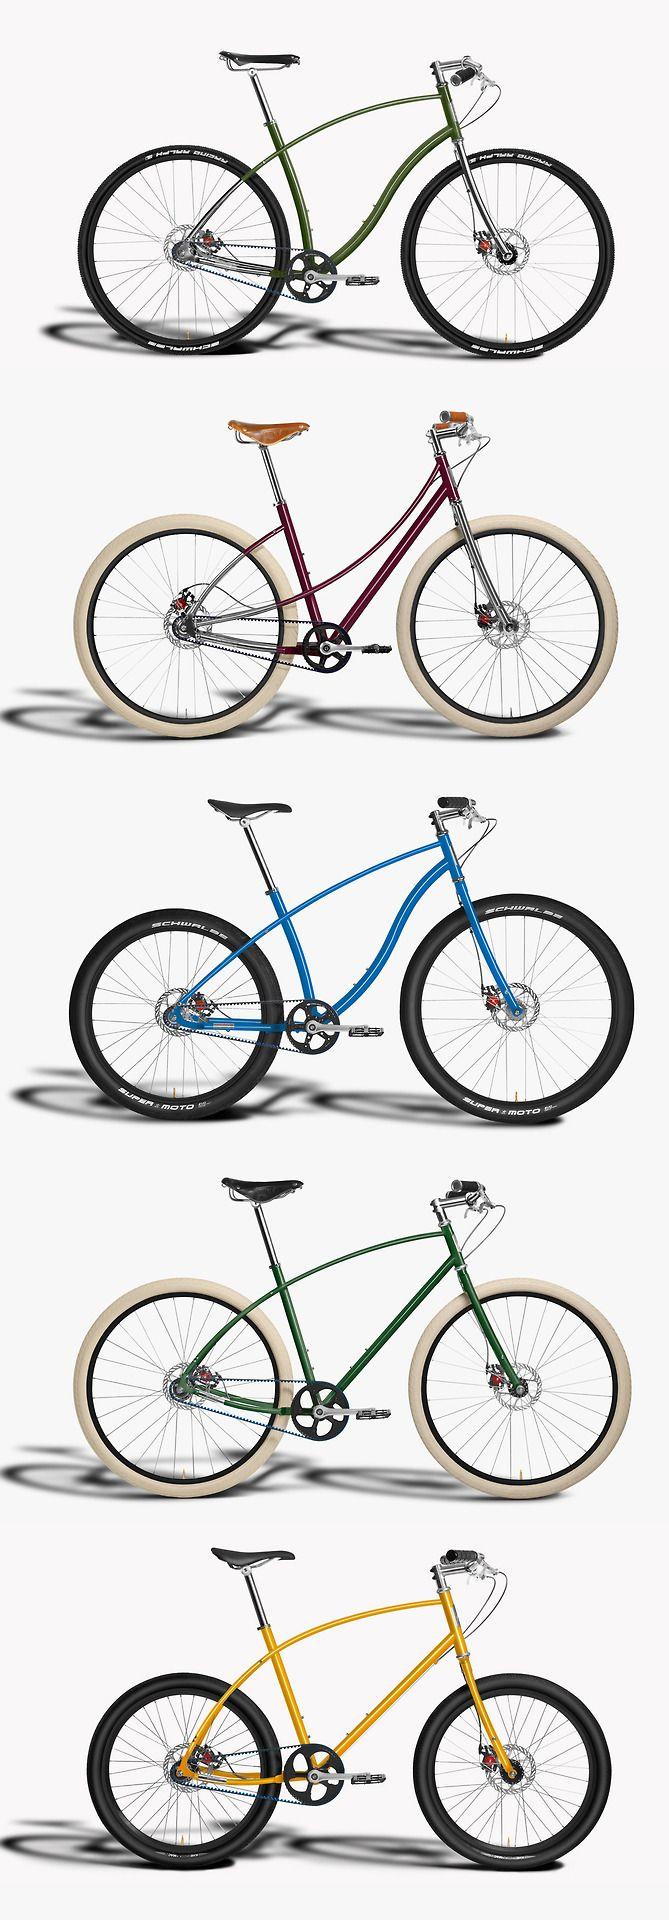 Budnitz Bicycles Colors #FairfieldGrantsWishes